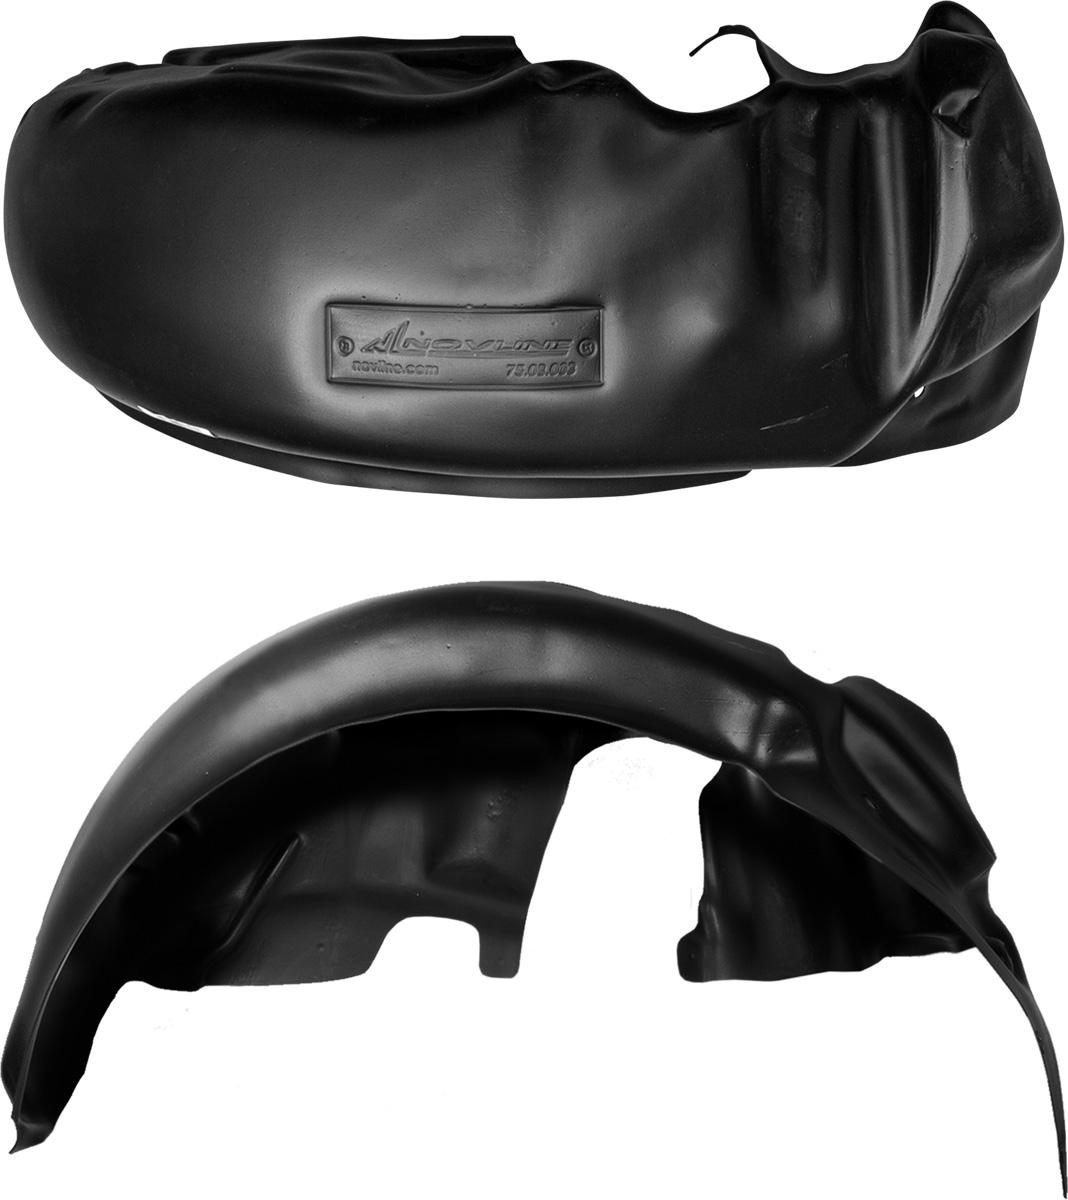 Подкрылок Novline-Autofamily, для Kia Rio, 2012-> хэтчбек, задний правый1004900000360Колесные ниши - одни из самых уязвимых зон днища вашего автомобиля. Они постоянно подвергаются воздействию со стороны дороги. Лучшая, почти абсолютная защита для них - специально отформованные пластиковые кожухи, которые называются подкрылками. Производятся они как для отечественных моделей автомобилей, так и для иномарок. Подкрылки Novline-Autofamily выполнены из высококачественного, экологически чистого пластика. Обеспечивают надежную защиту кузова автомобиля от пескоструйного эффекта и негативного влияния, агрессивных антигололедных реагентов. Пластик обладает более низкой теплопроводностью, чем металл, поэтому в зимний период эксплуатации использование пластиковых подкрылков позволяет лучше защитить колесные ниши от налипания снега и образования наледи. Оригинальность конструкции подчеркивает элегантность автомобиля, бережно защищает нанесенное на днище кузова антикоррозийное покрытие и позволяет осуществить крепление подкрылков внутри колесной арки практически без дополнительного крепежа и сверления, не нарушая при этом лакокрасочного покрытия, что предотвращает возникновение новых очагов коррозии. Подкрылки долговечны, обладают высокой прочностью и сохраняют заданную форму, а также все свои физико-механические характеристики в самых тяжелых климатических условиях (от -50°С до +50°С).Уважаемые клиенты!Обращаем ваше внимание, на тот факт, что подкрылок имеет форму, соответствующую модели данного автомобиля. Фото служит для визуального восприятия товара.